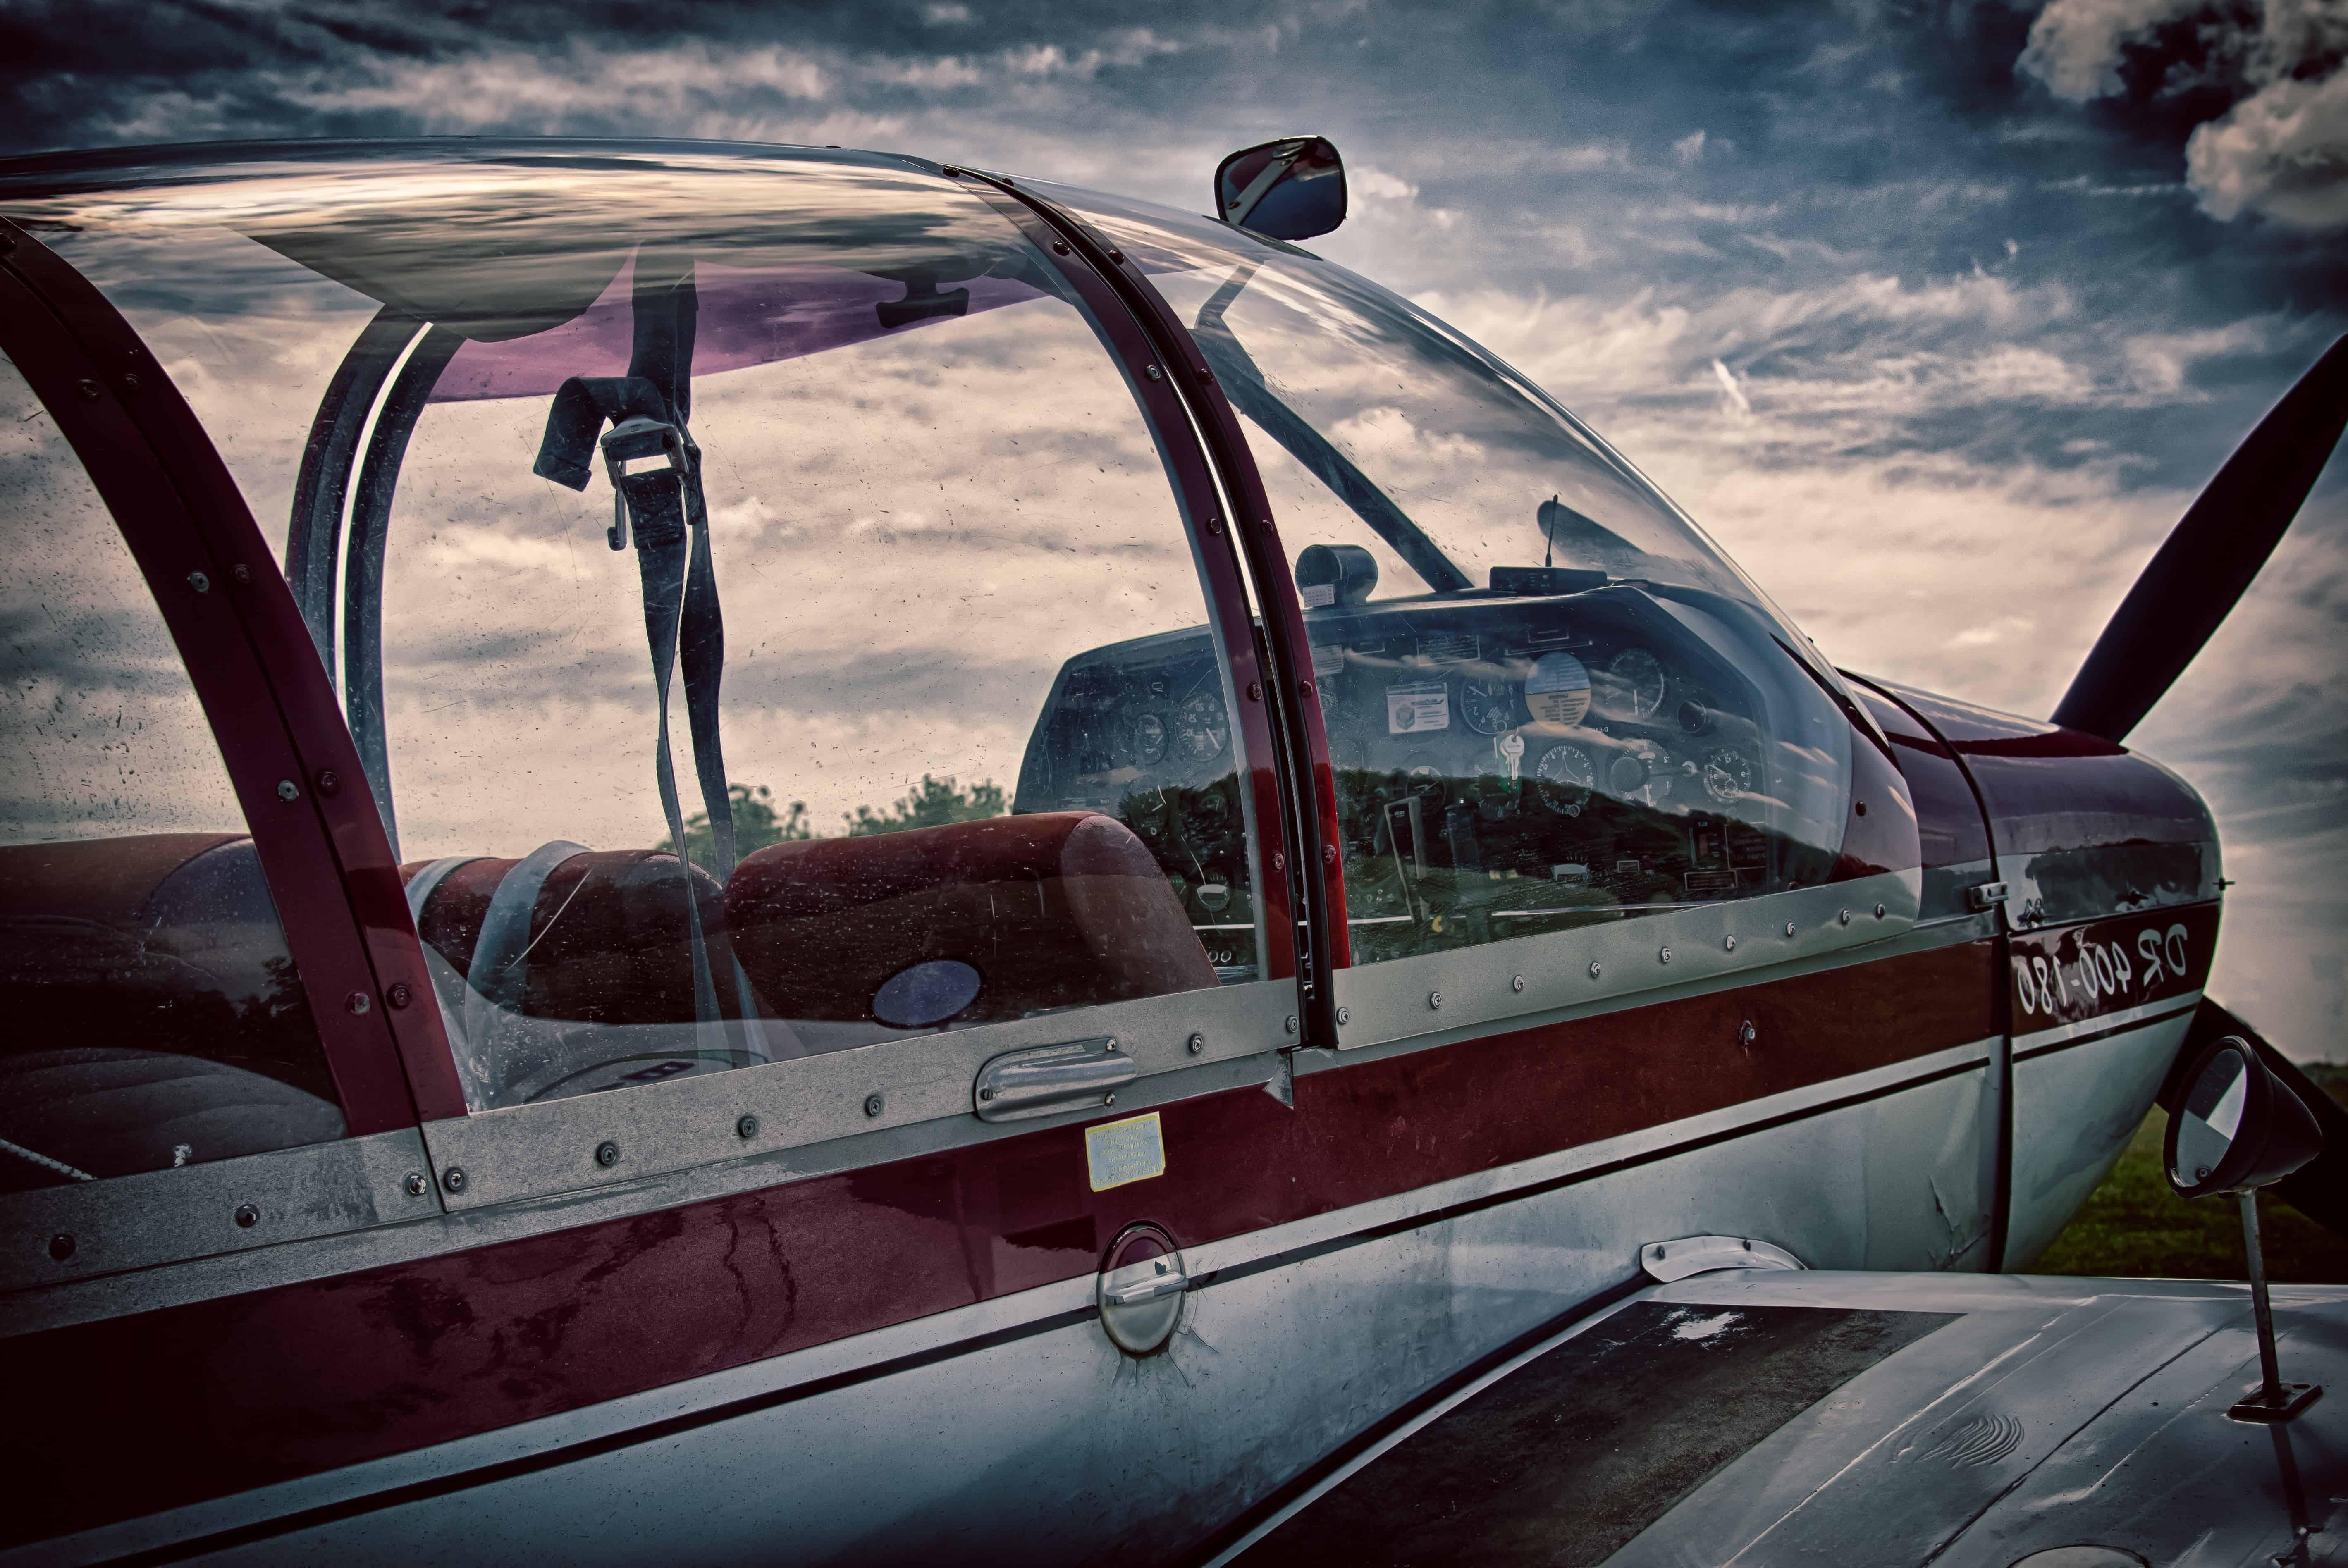 飞机, 汽车, 天空, 航空, 云彩, 日落